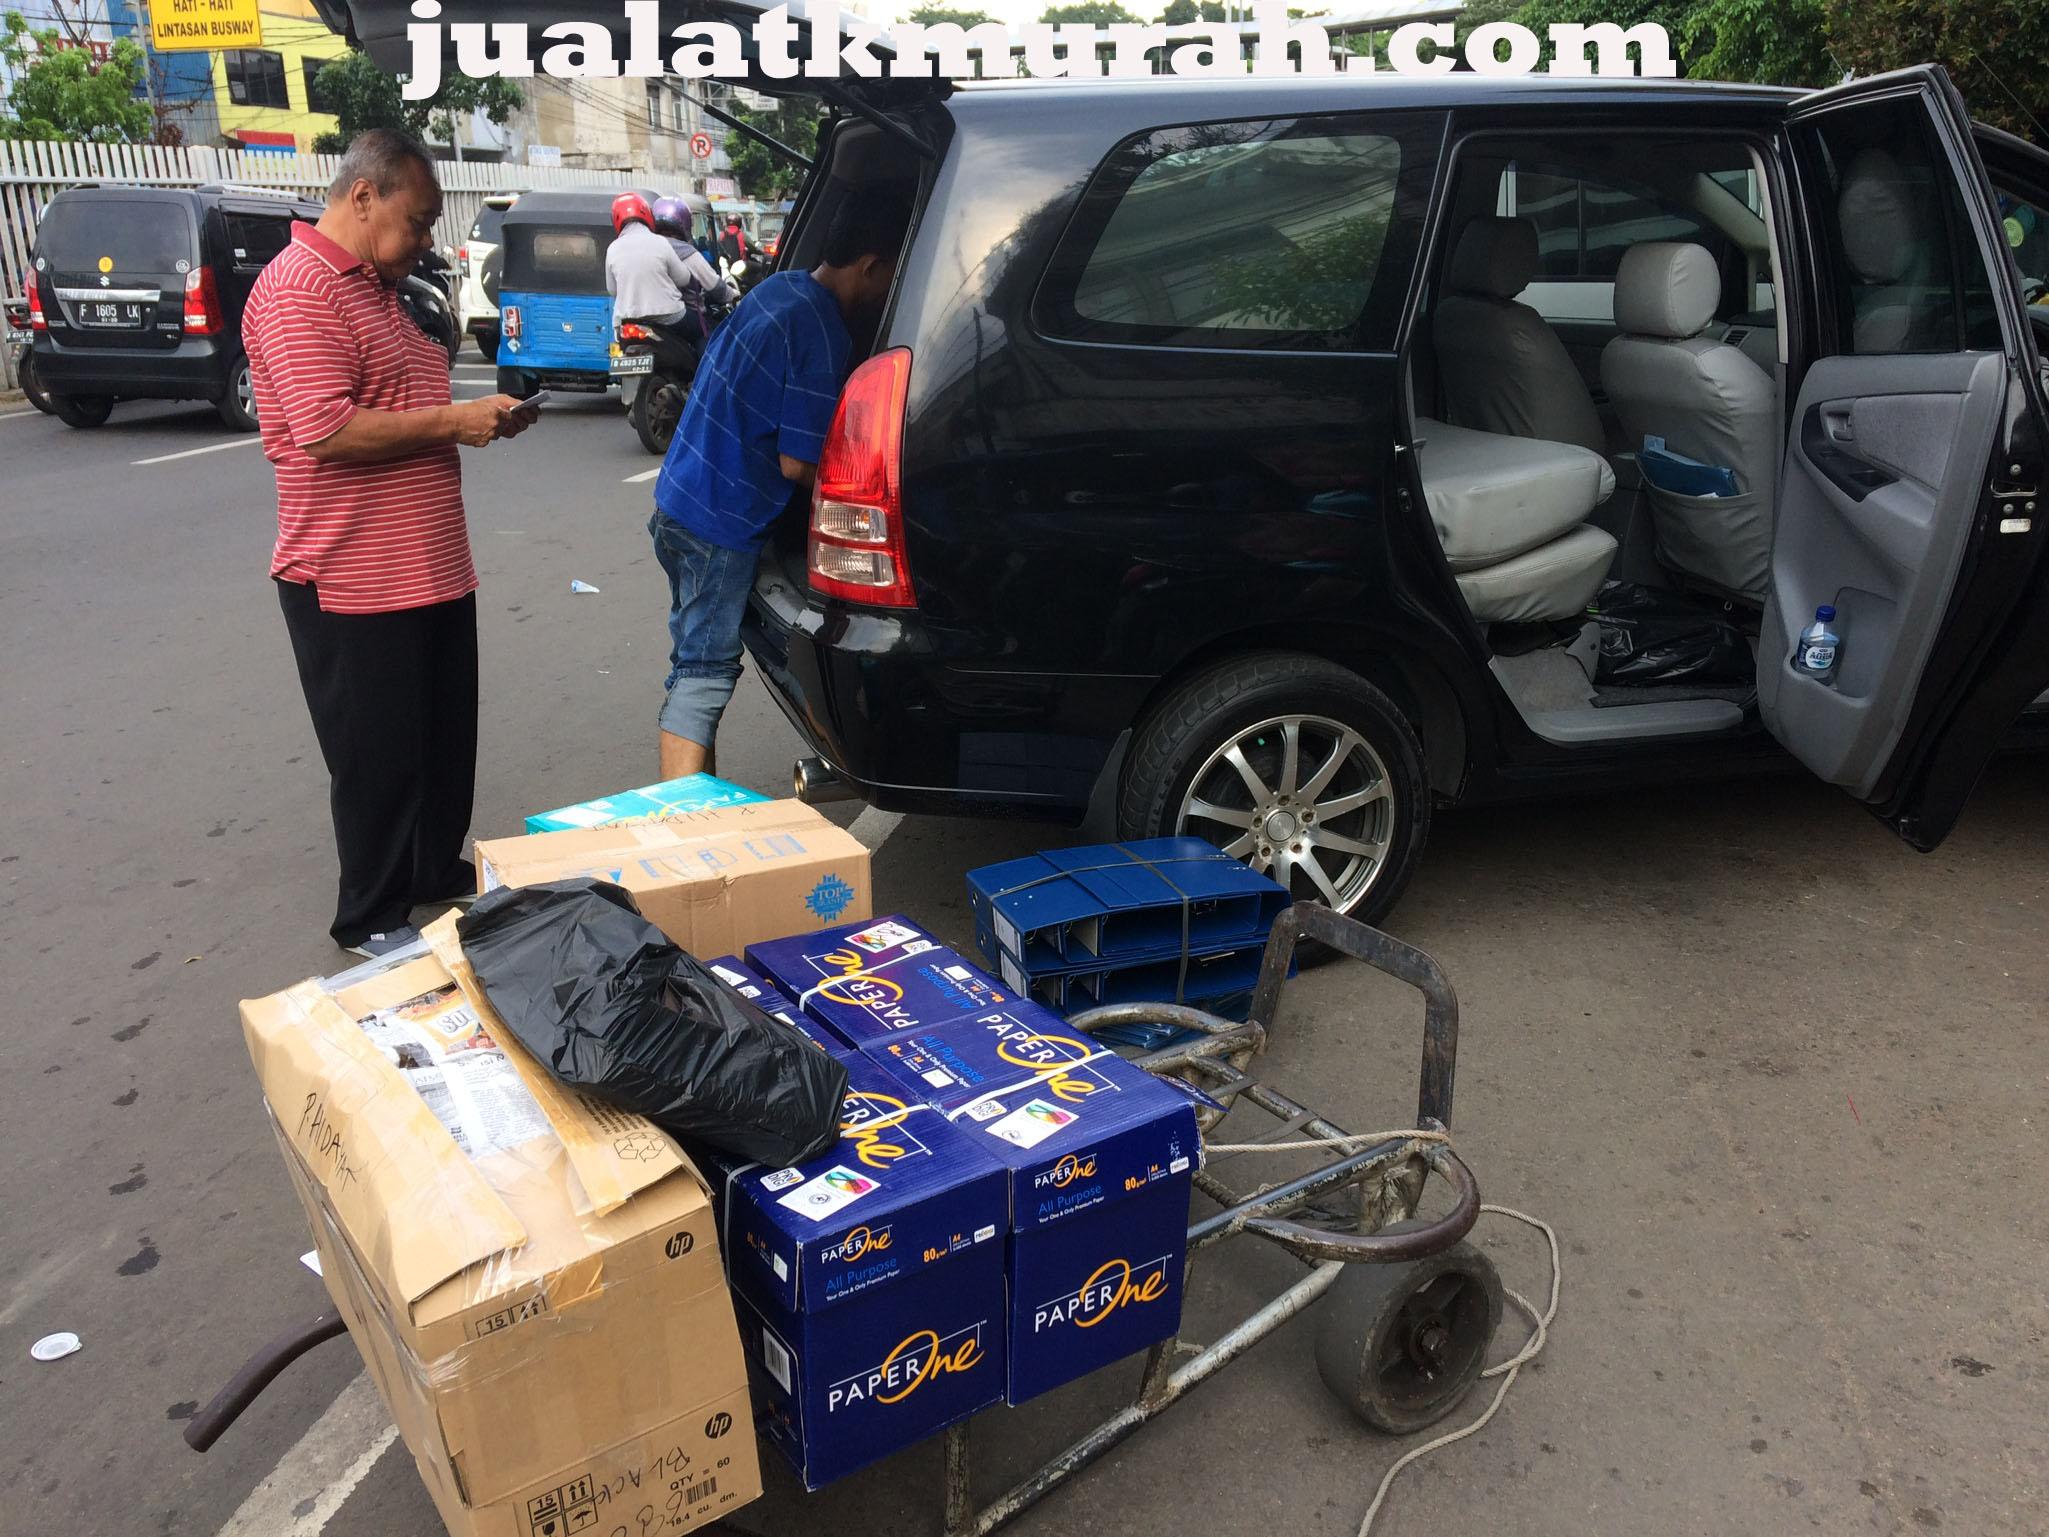 Jual ATK Murah di Jatimakmur Bekasi